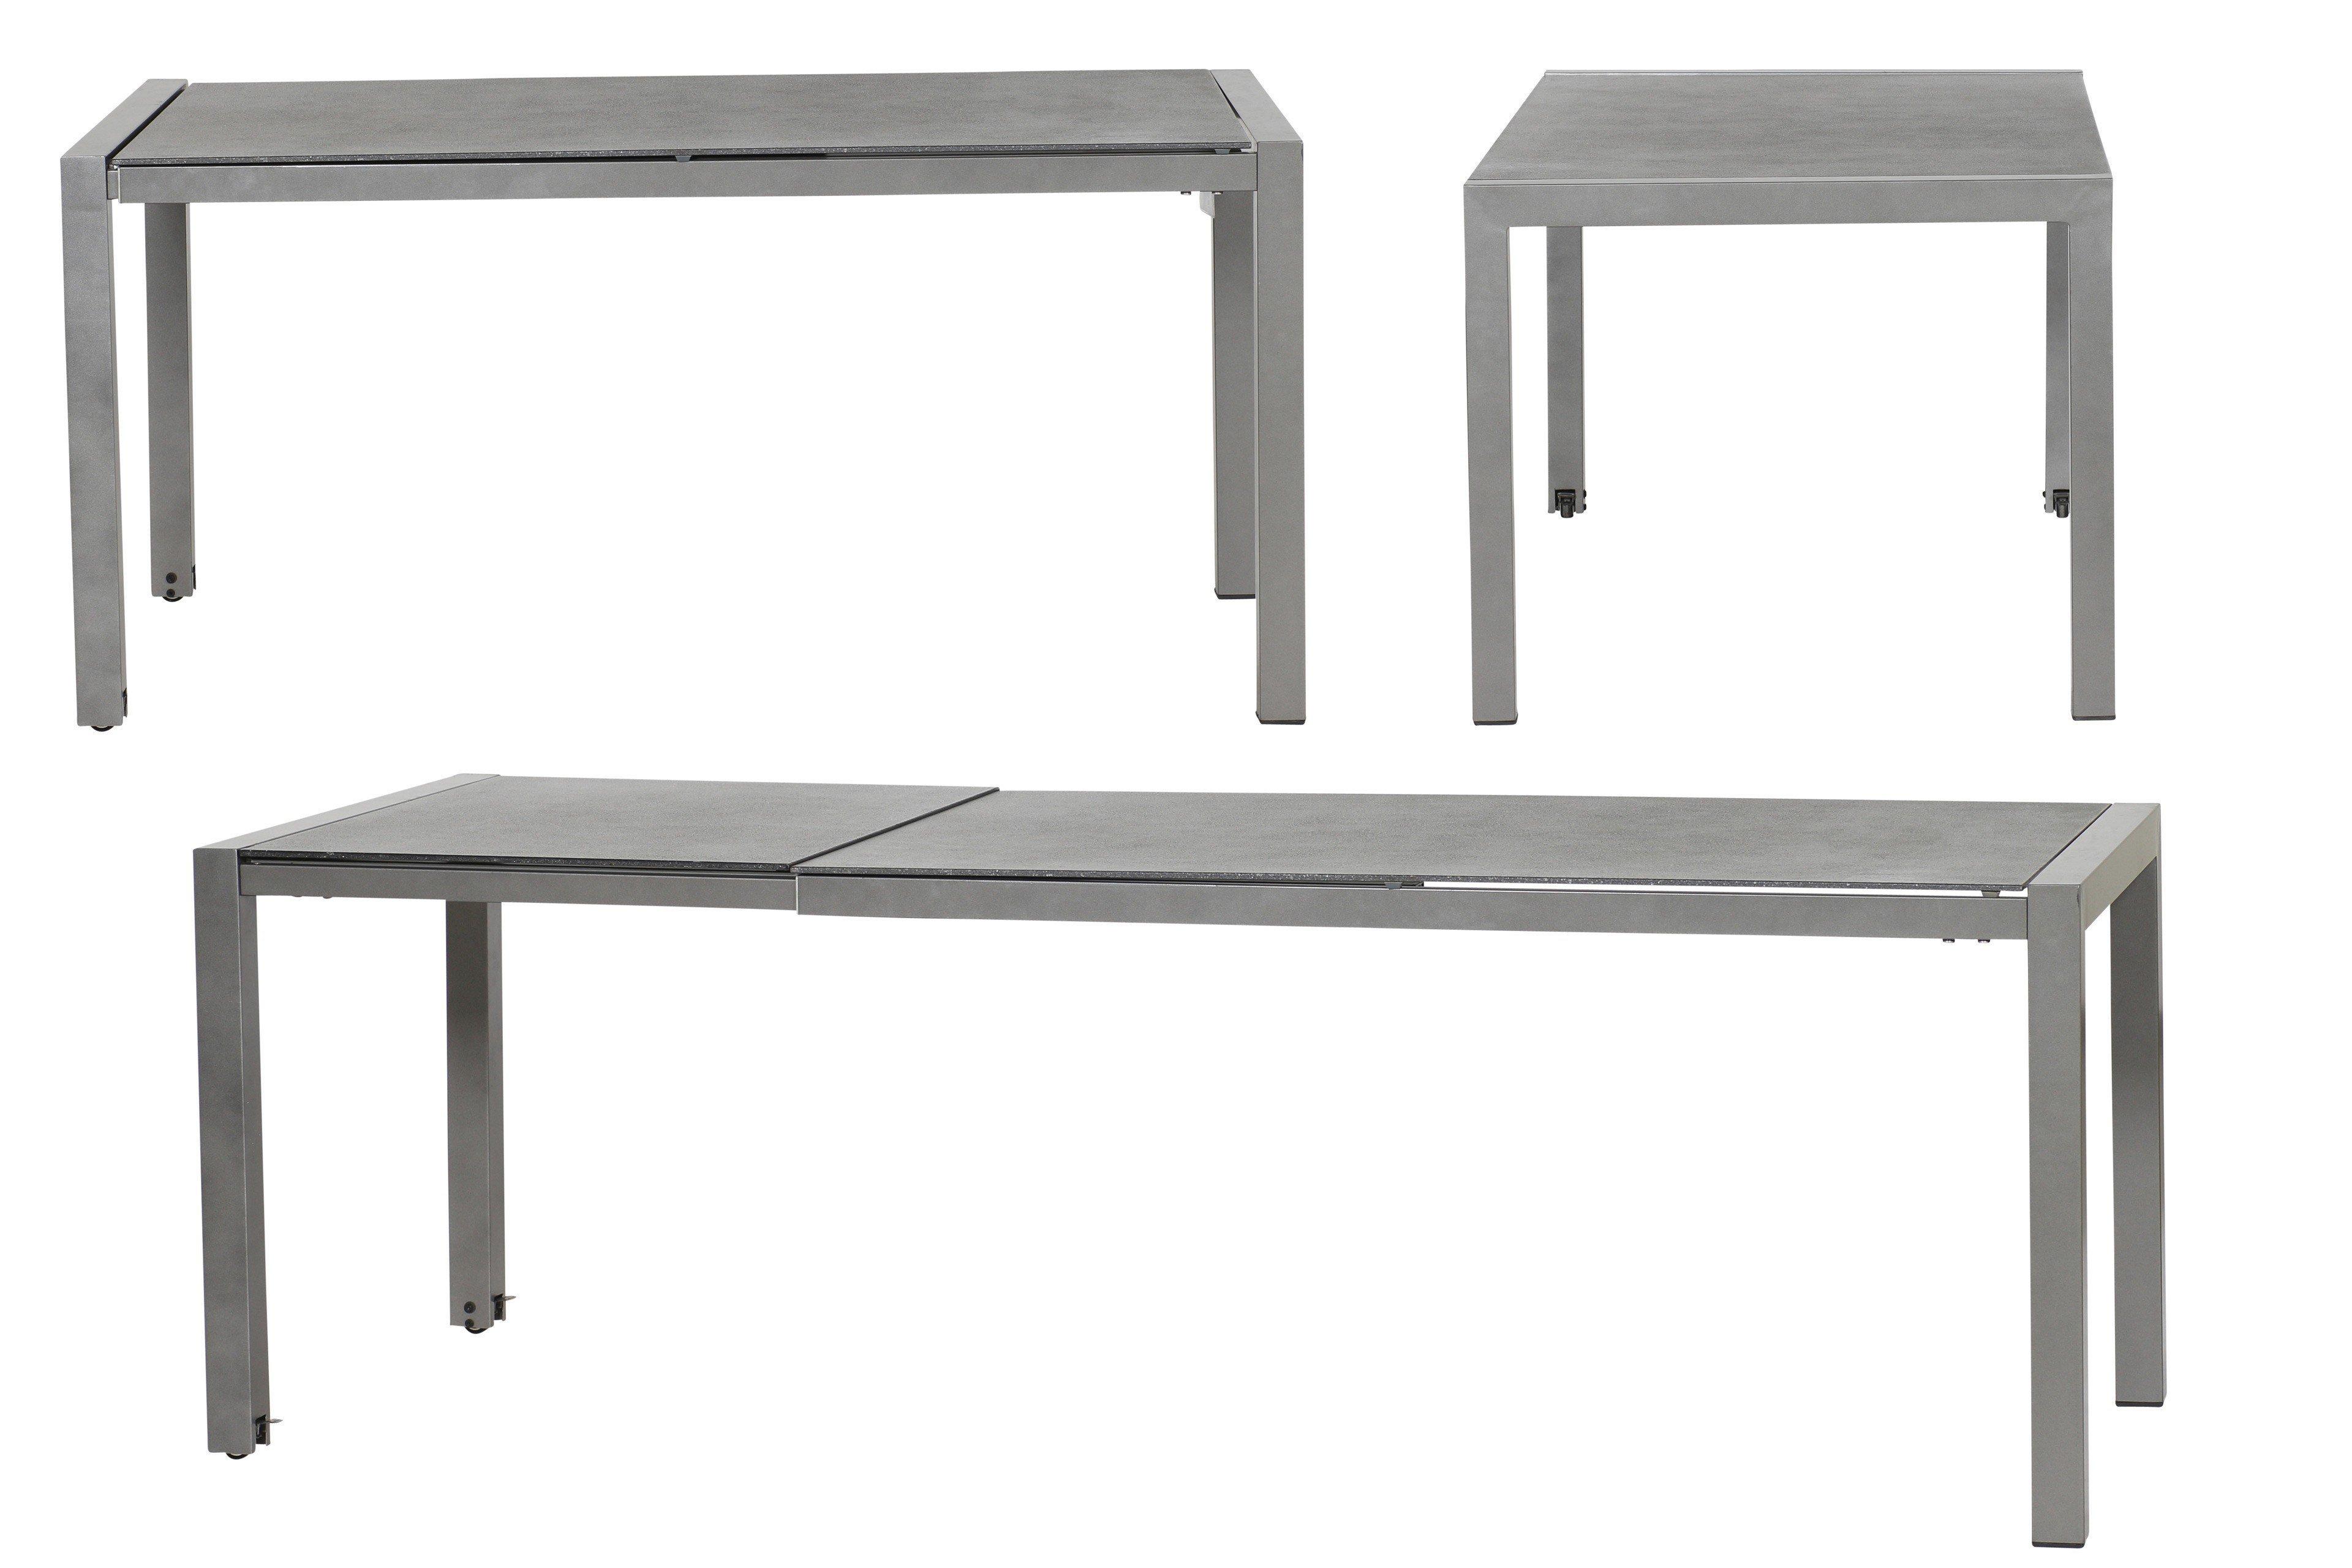 MBM Gartentisch Kennedy mit Spraystone-Tischplatte | Möbel Letz ...